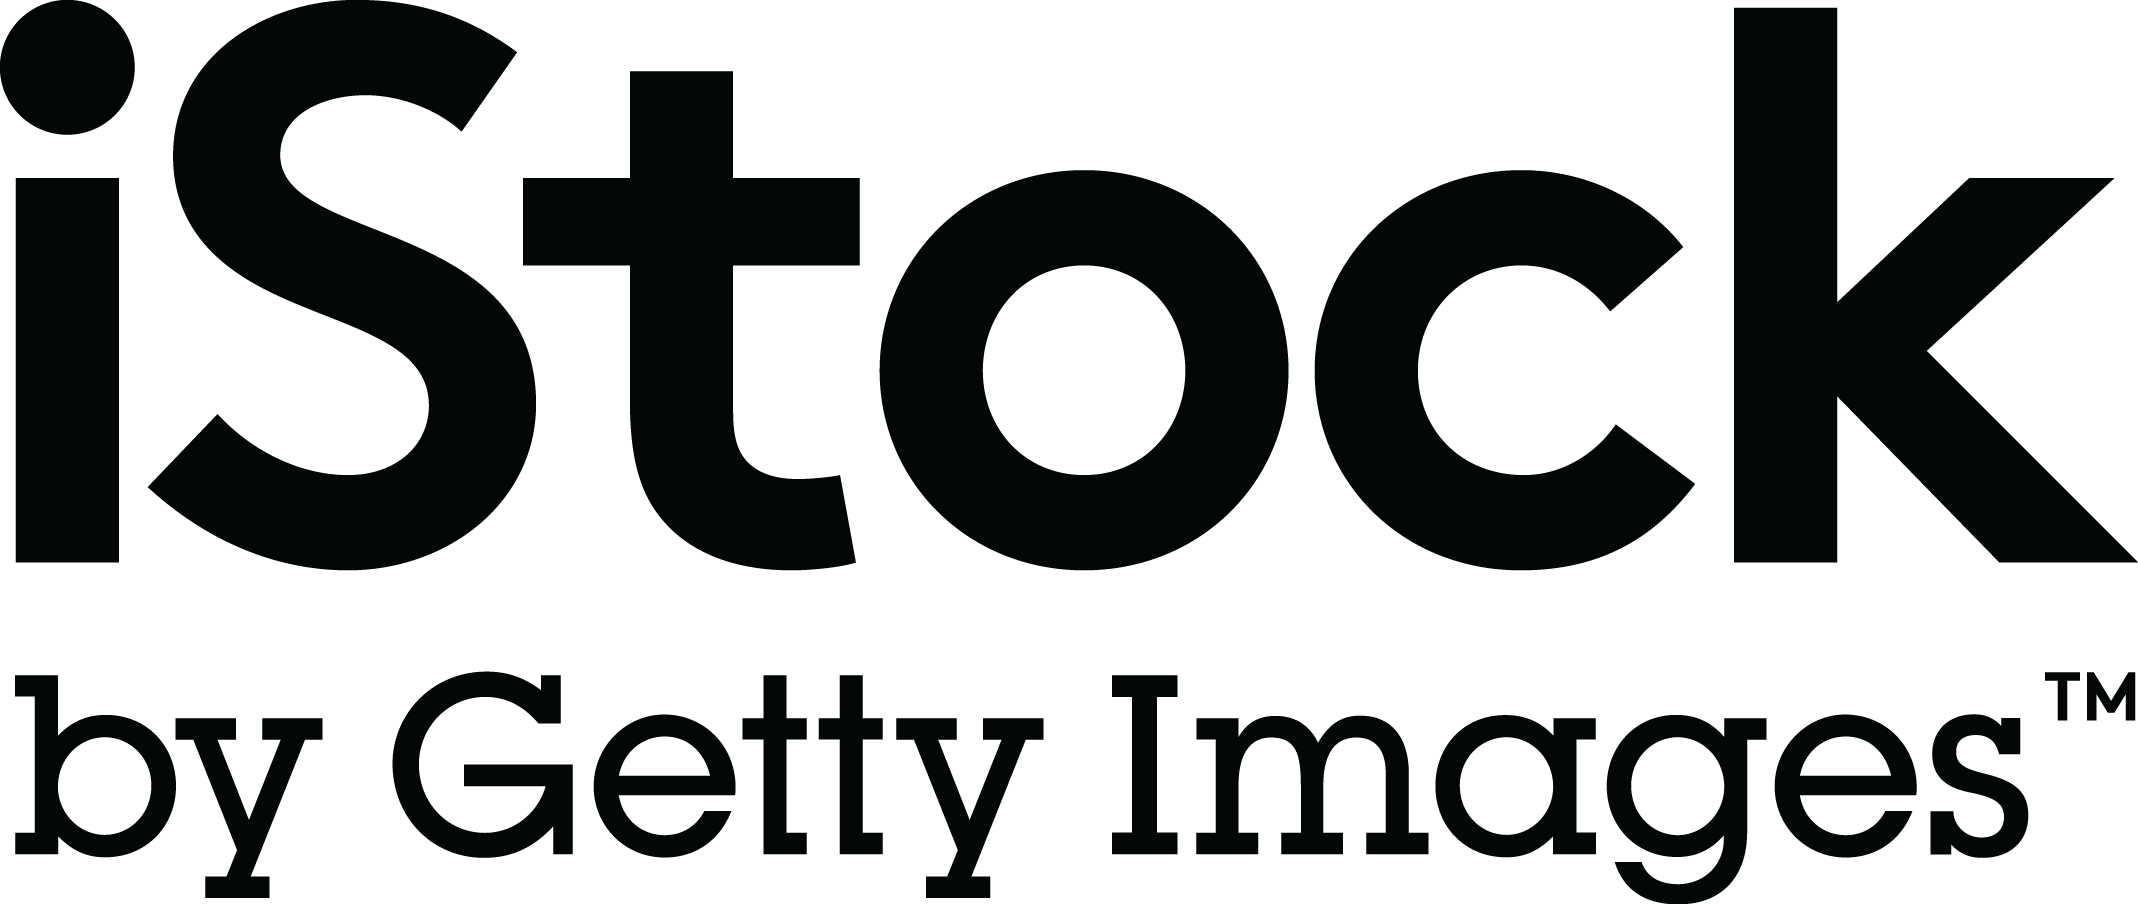 โลโก้ iStock